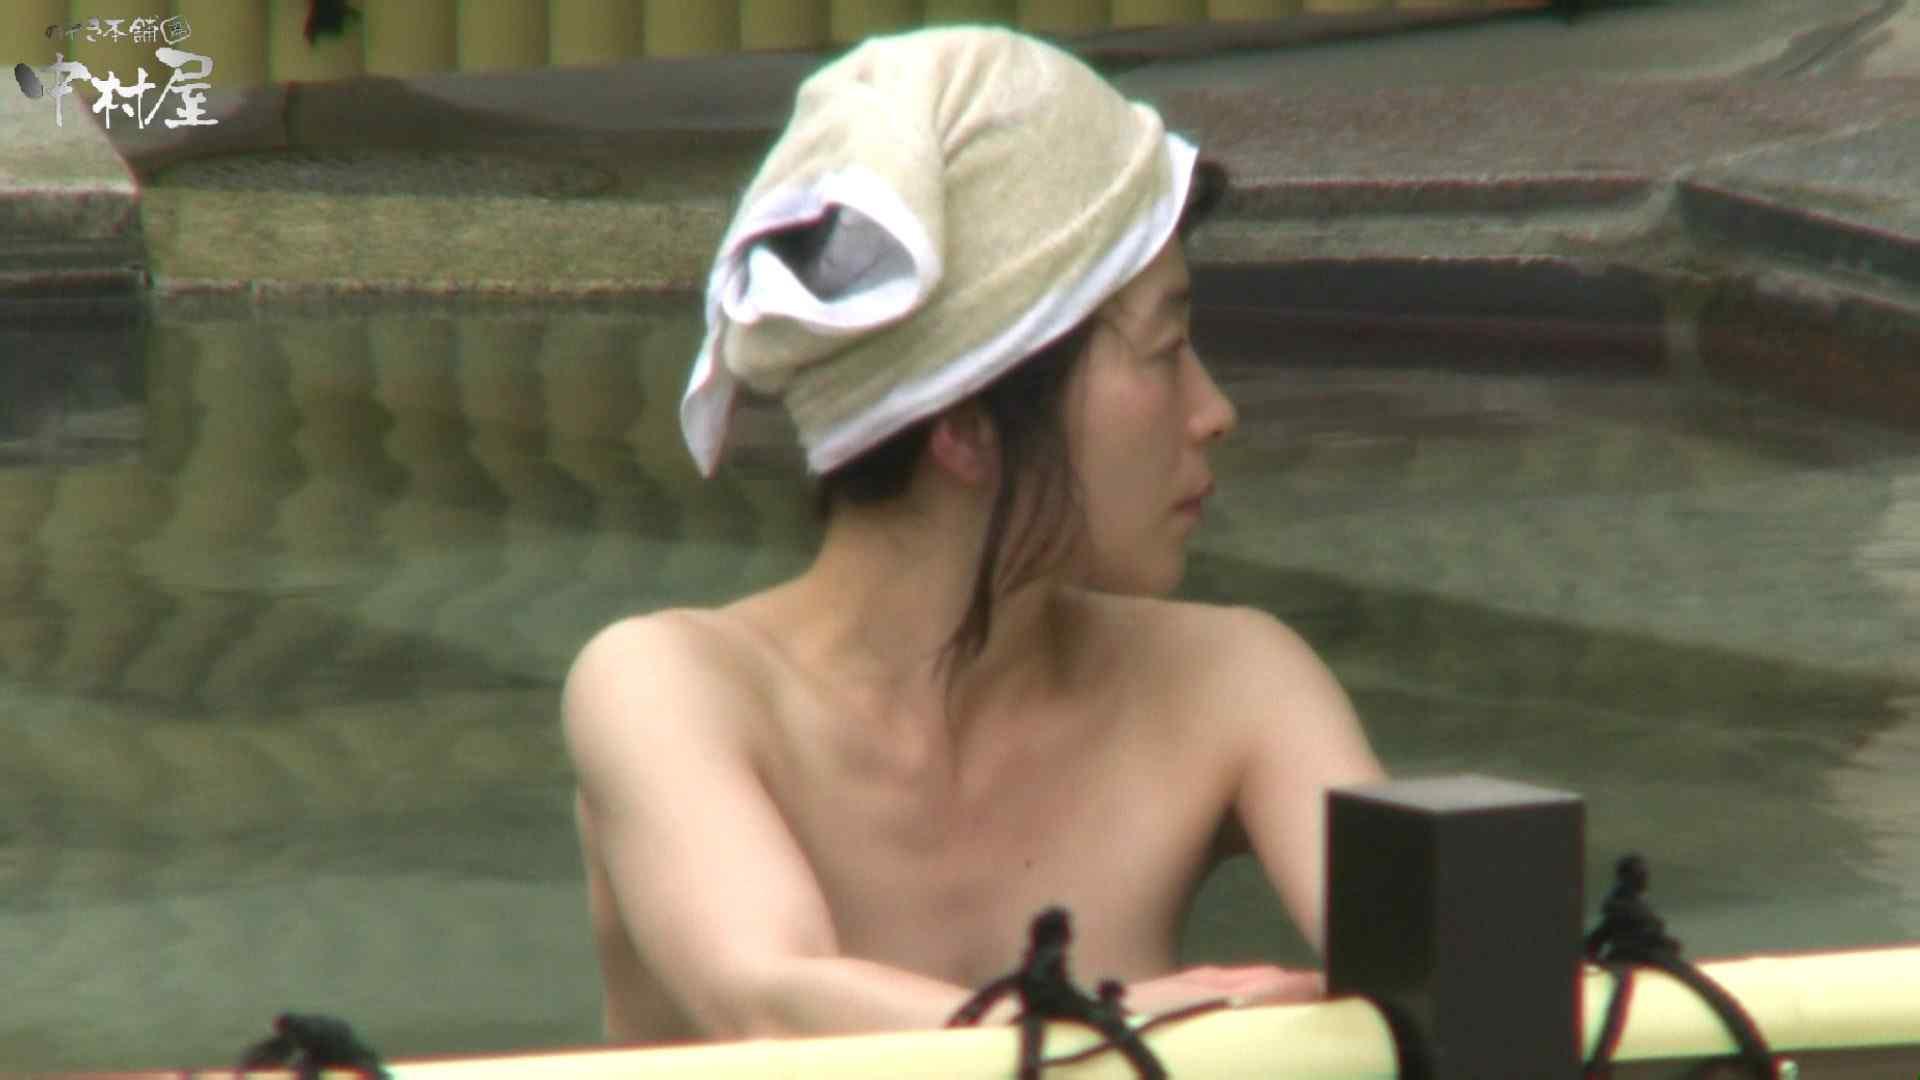 Aquaな露天風呂Vol.950 露天  61画像 9